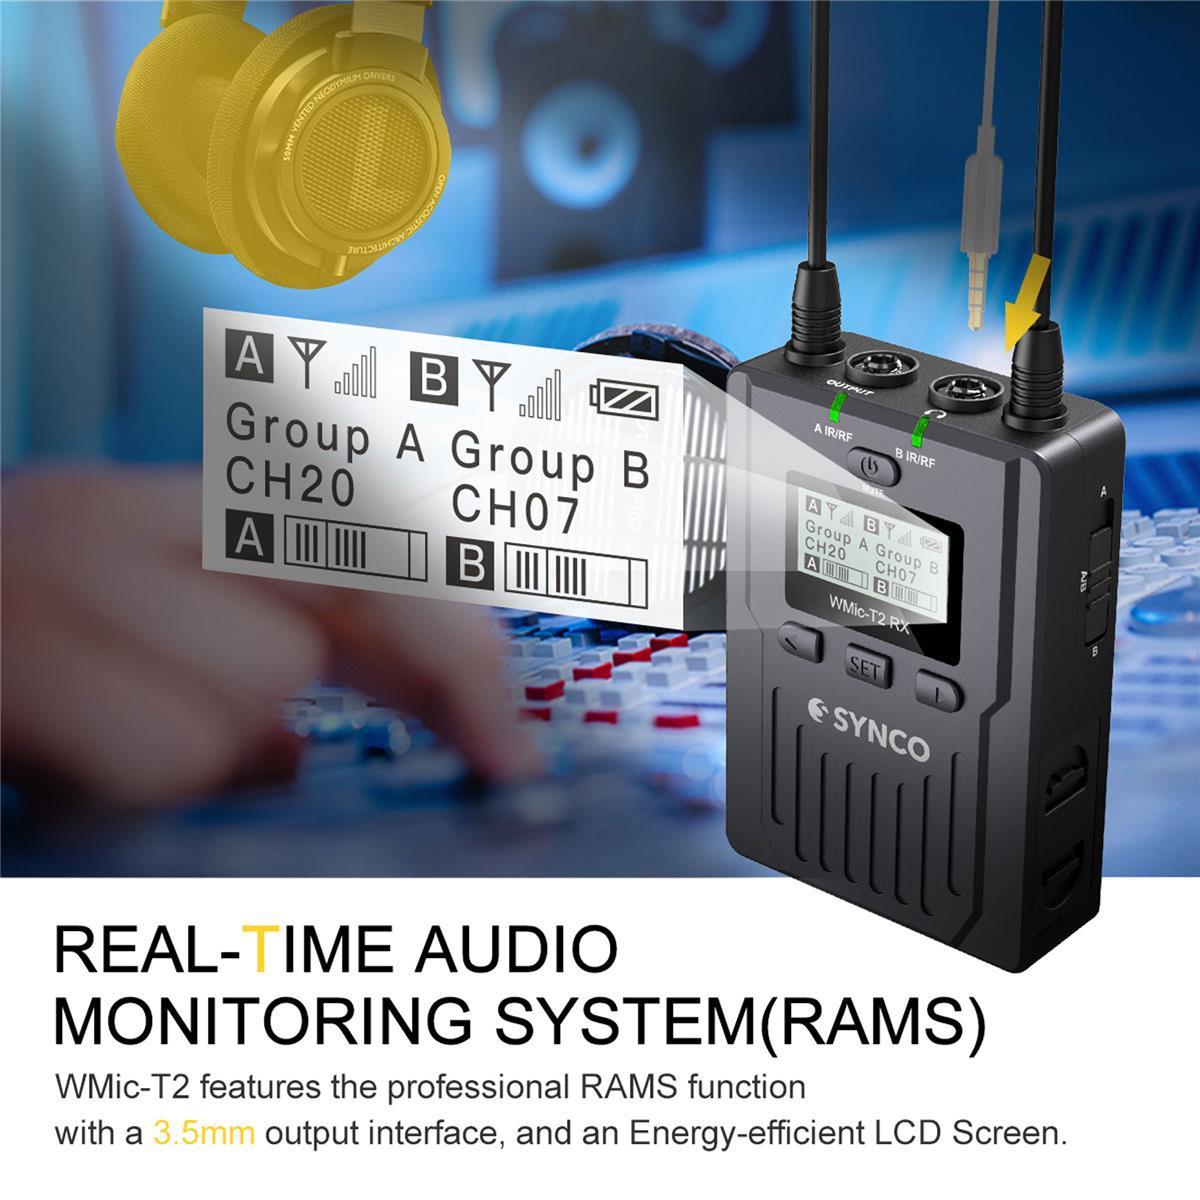 Synco Audio WMic-T2: Picture 9